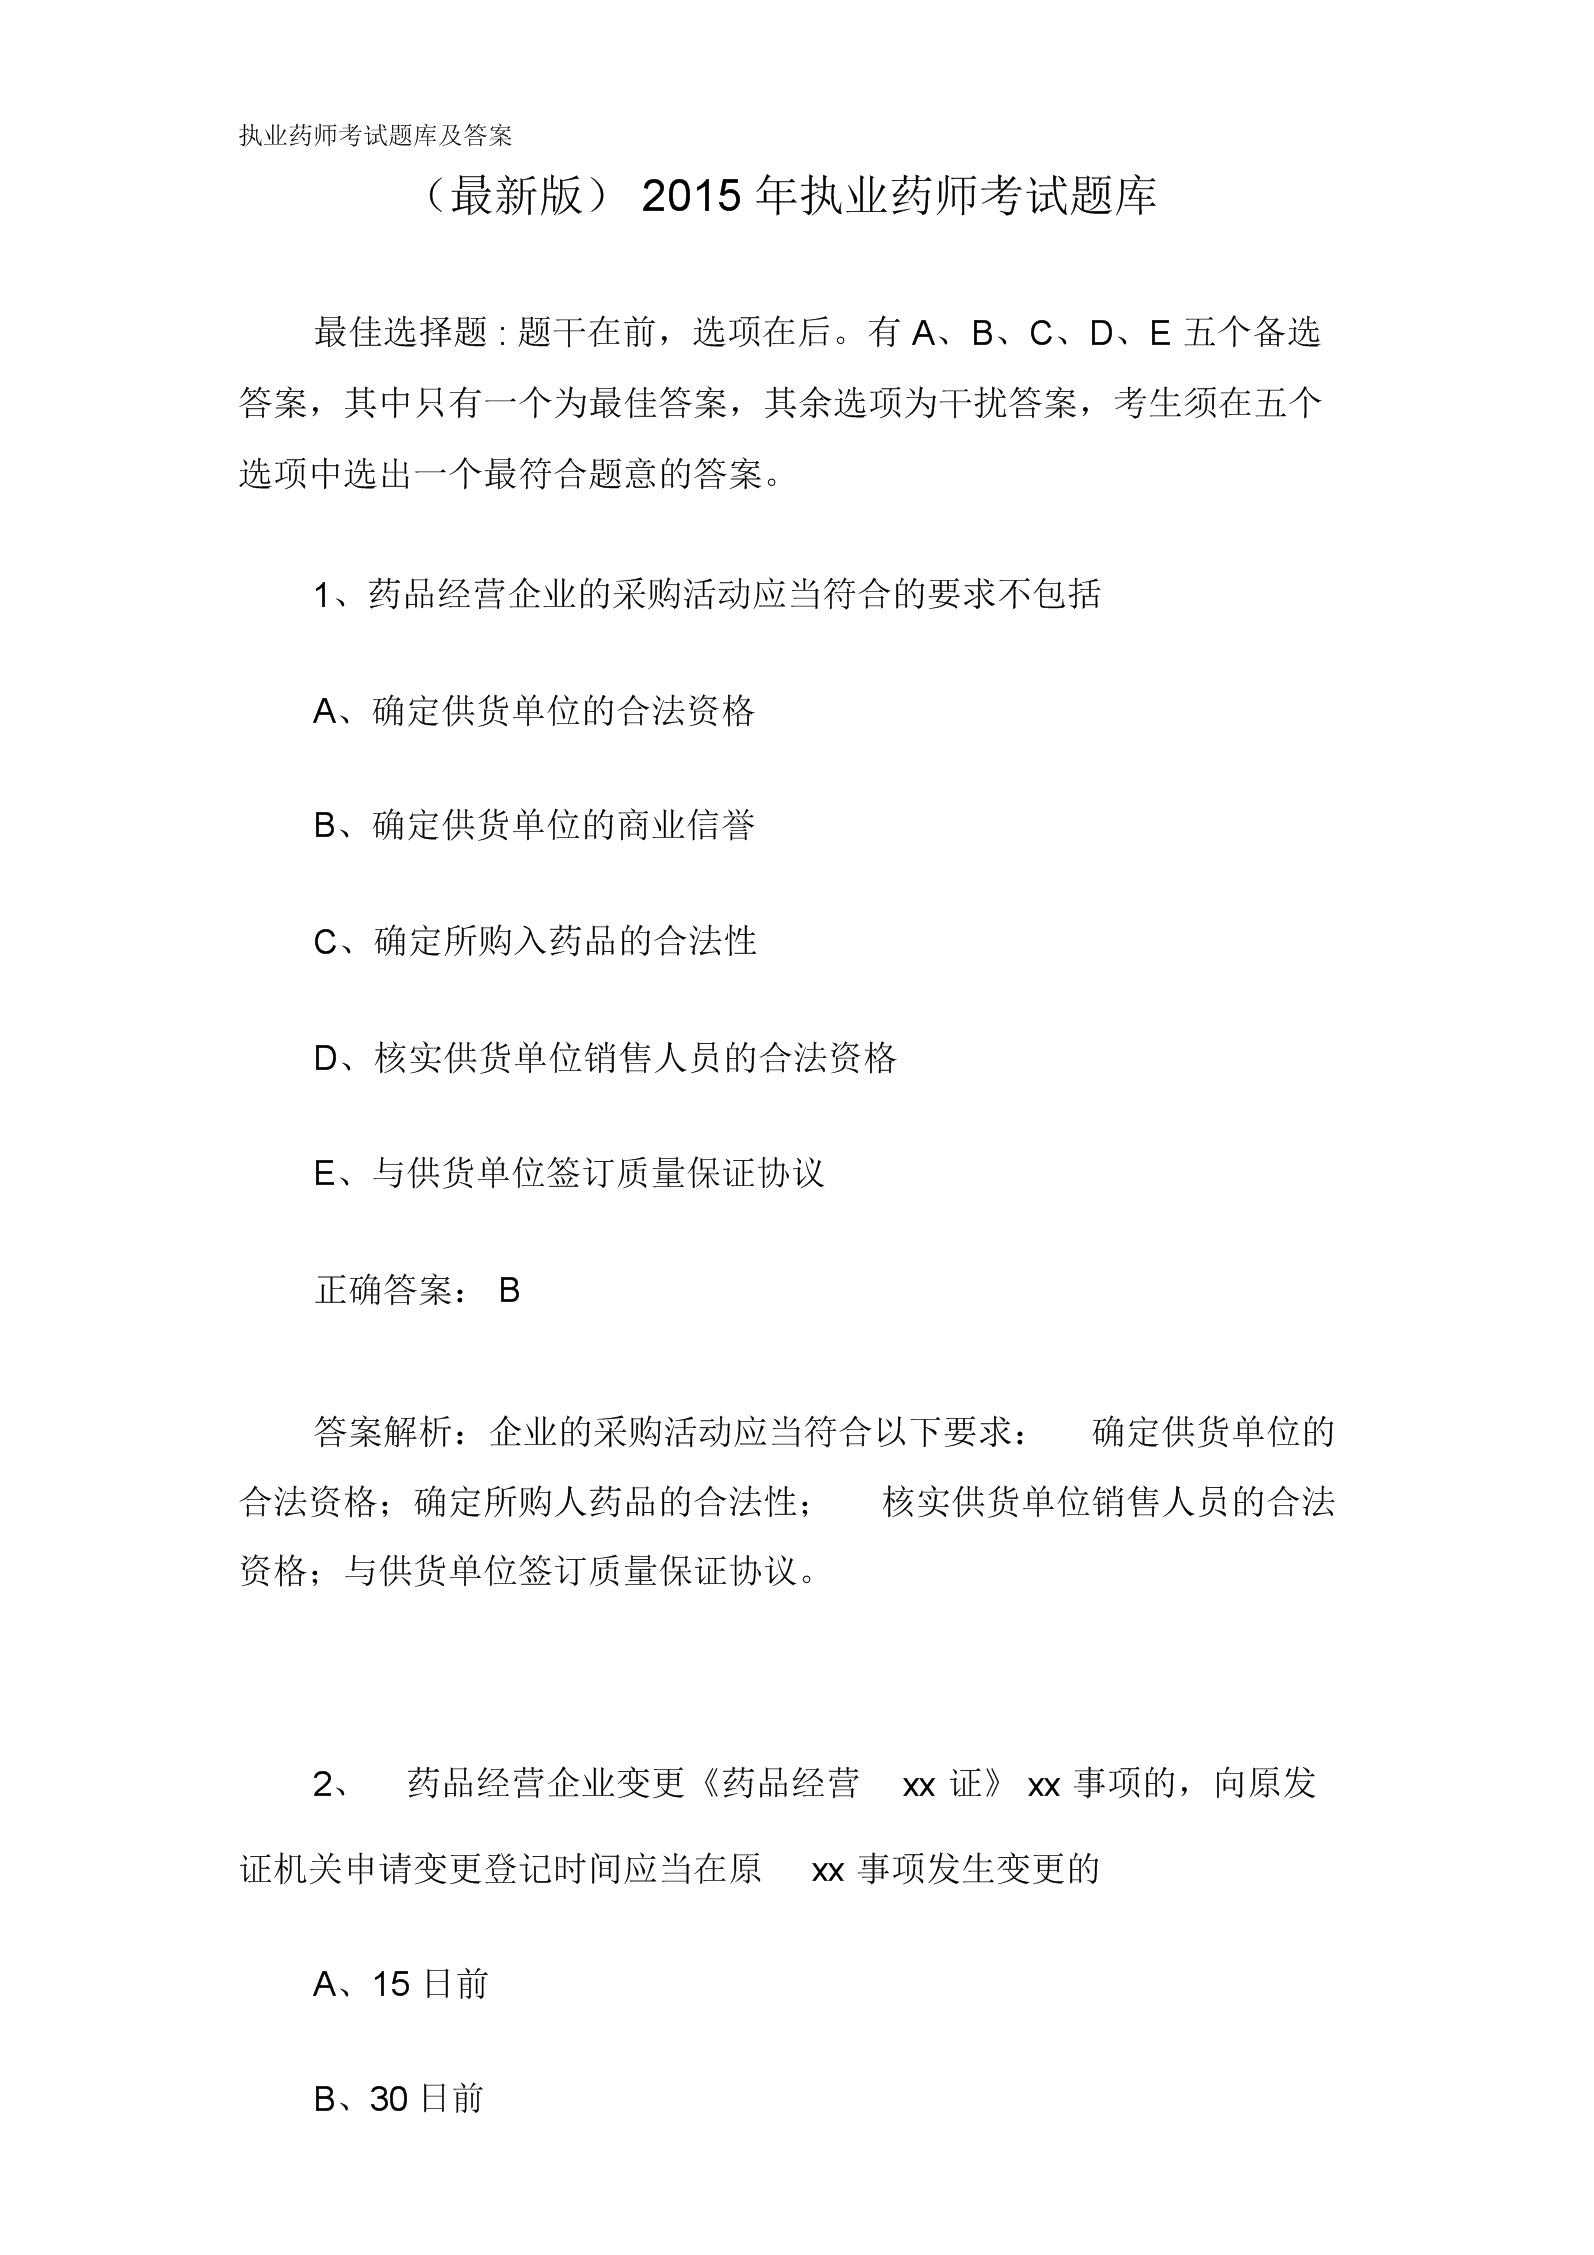 执业药师考试题库及答案.docx